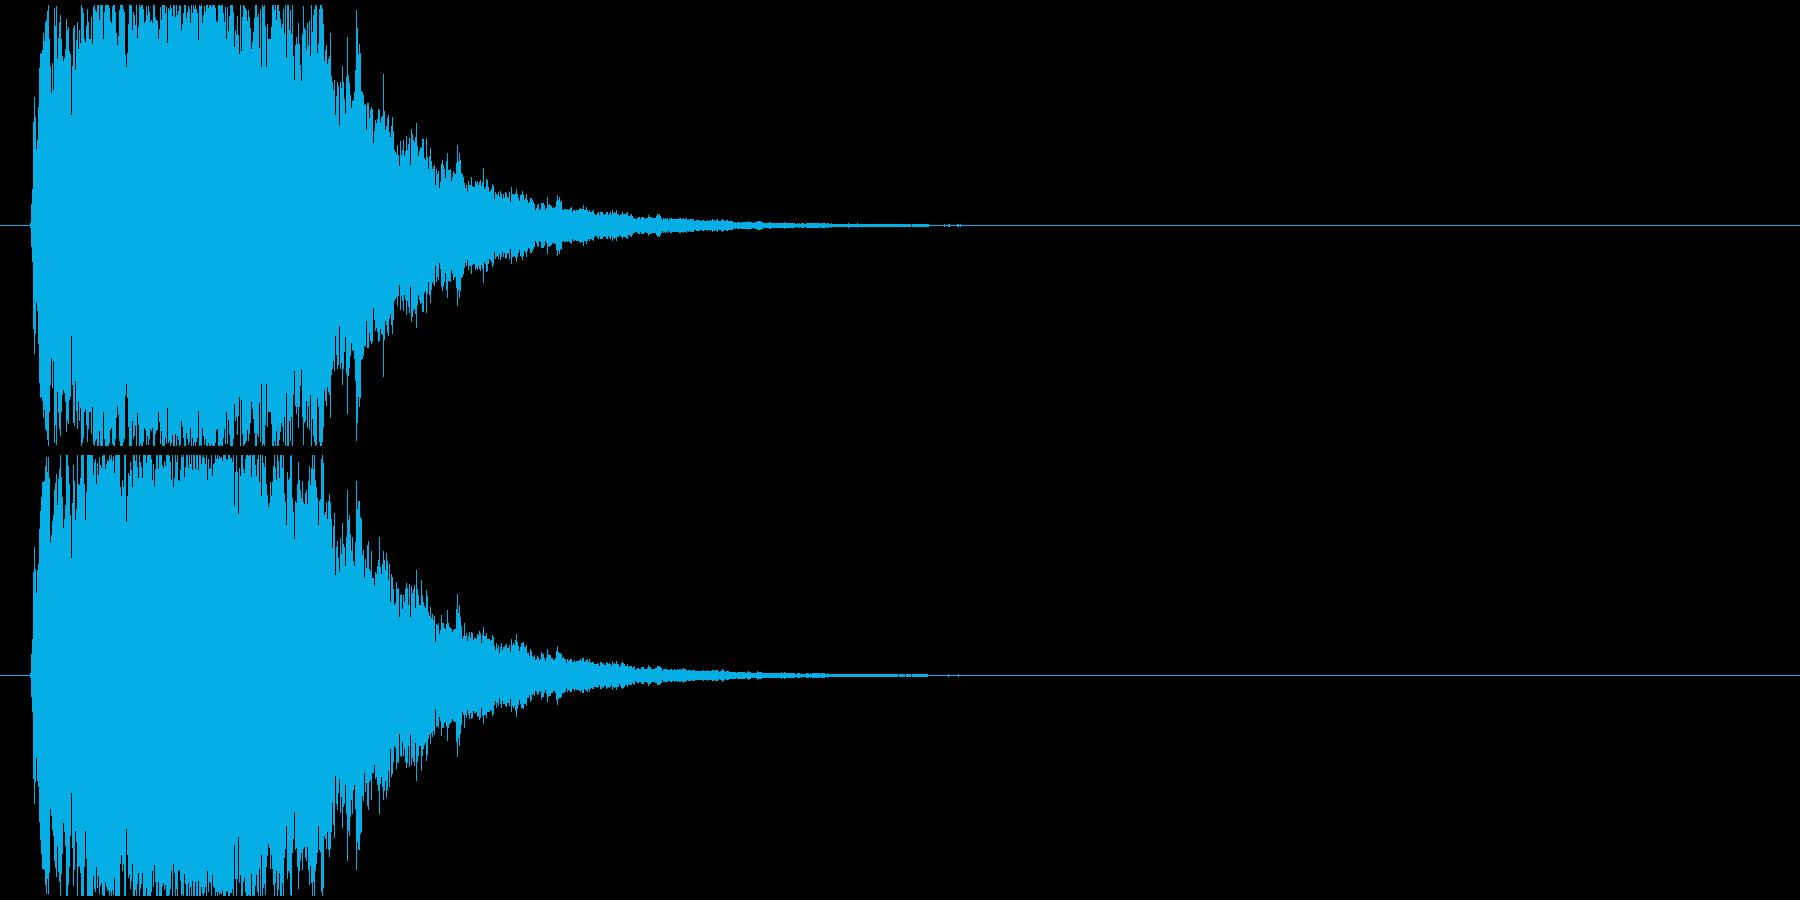 キラキラ魔法効果の再生済みの波形